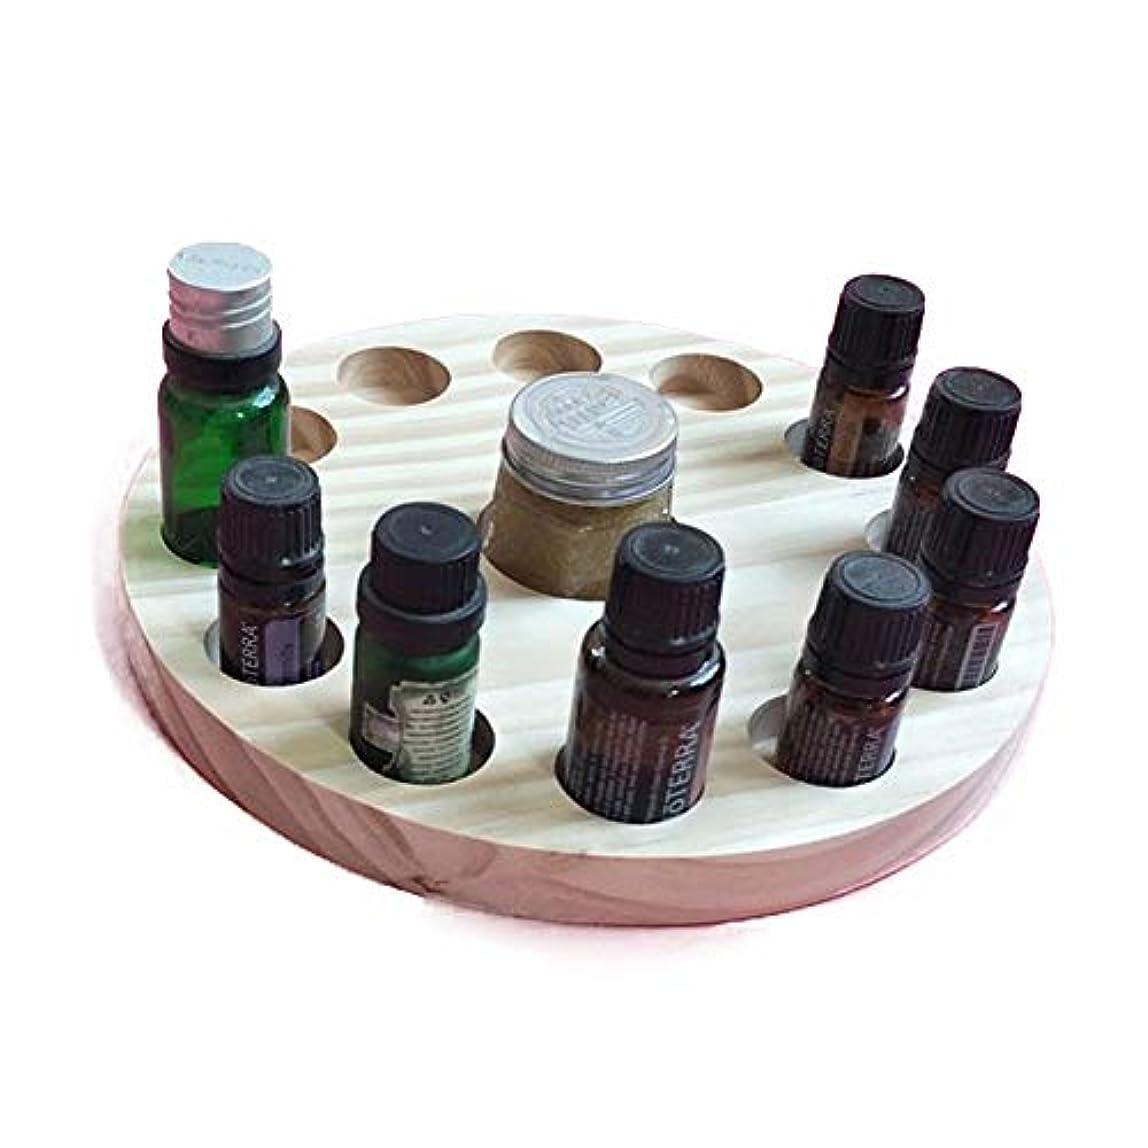 極地時代遅れビート13スロット木製エッセンシャルオイルストレージホルダーは12の10mlの油のボトルを保持します アロマセラピー製品 (色 : Natural, サイズ : Free size)